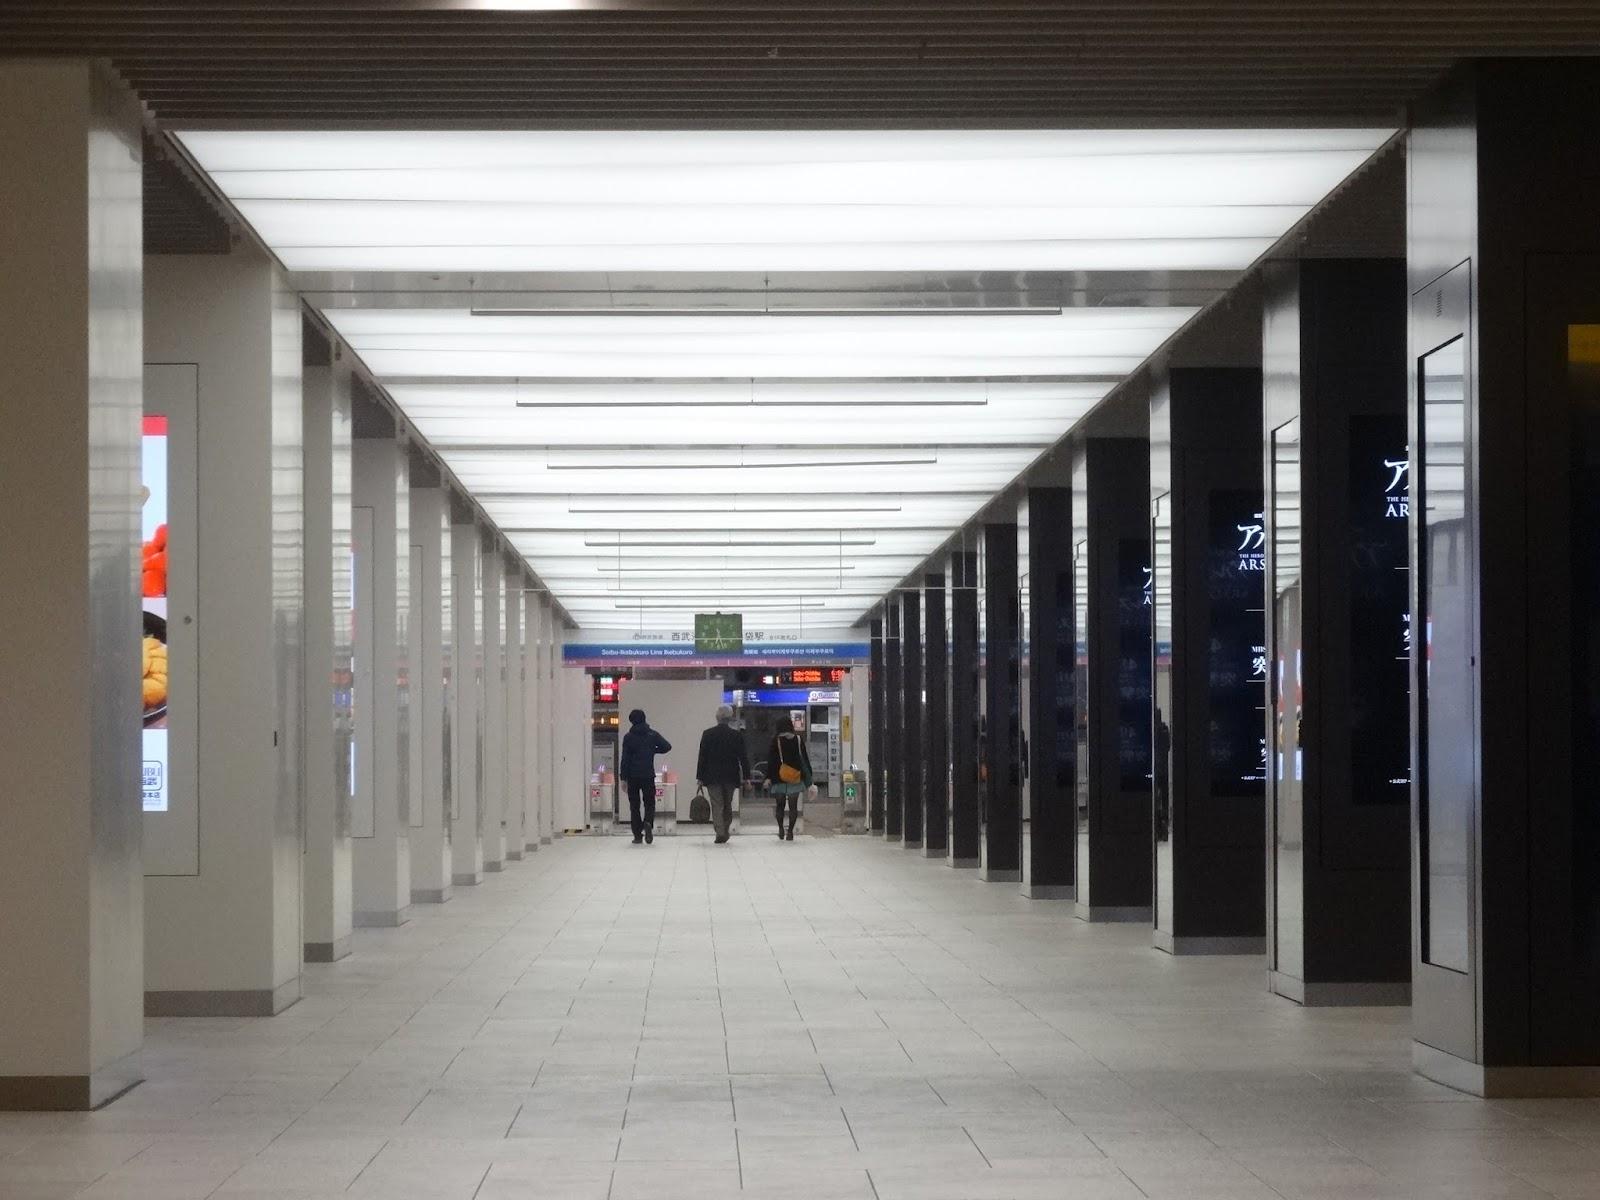 西武池袋駅,地下改札,電飾看板〈著作権フリー画像〉Free Stock Photos